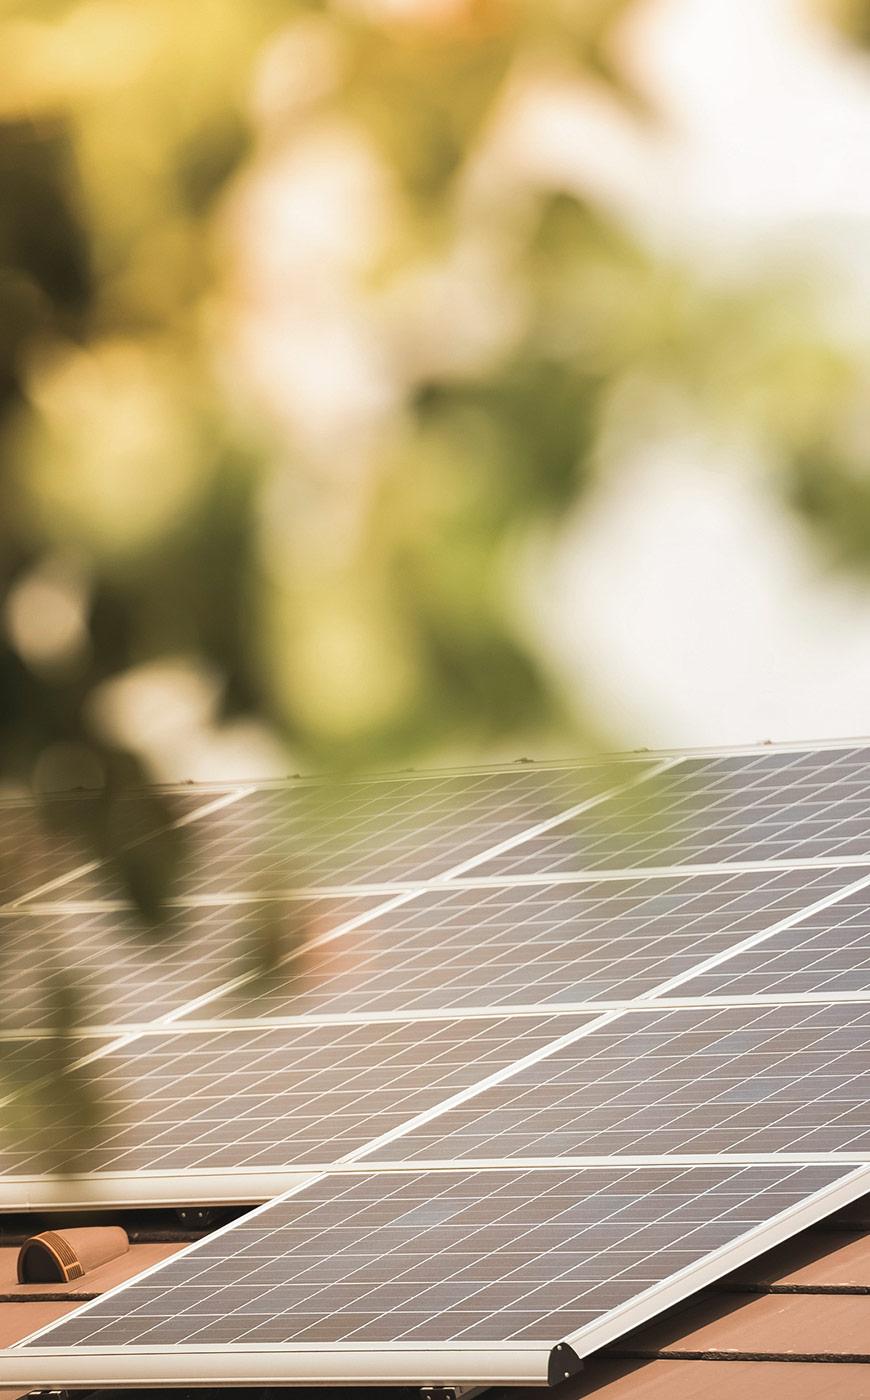 Sonnenenergie im Holzhaus